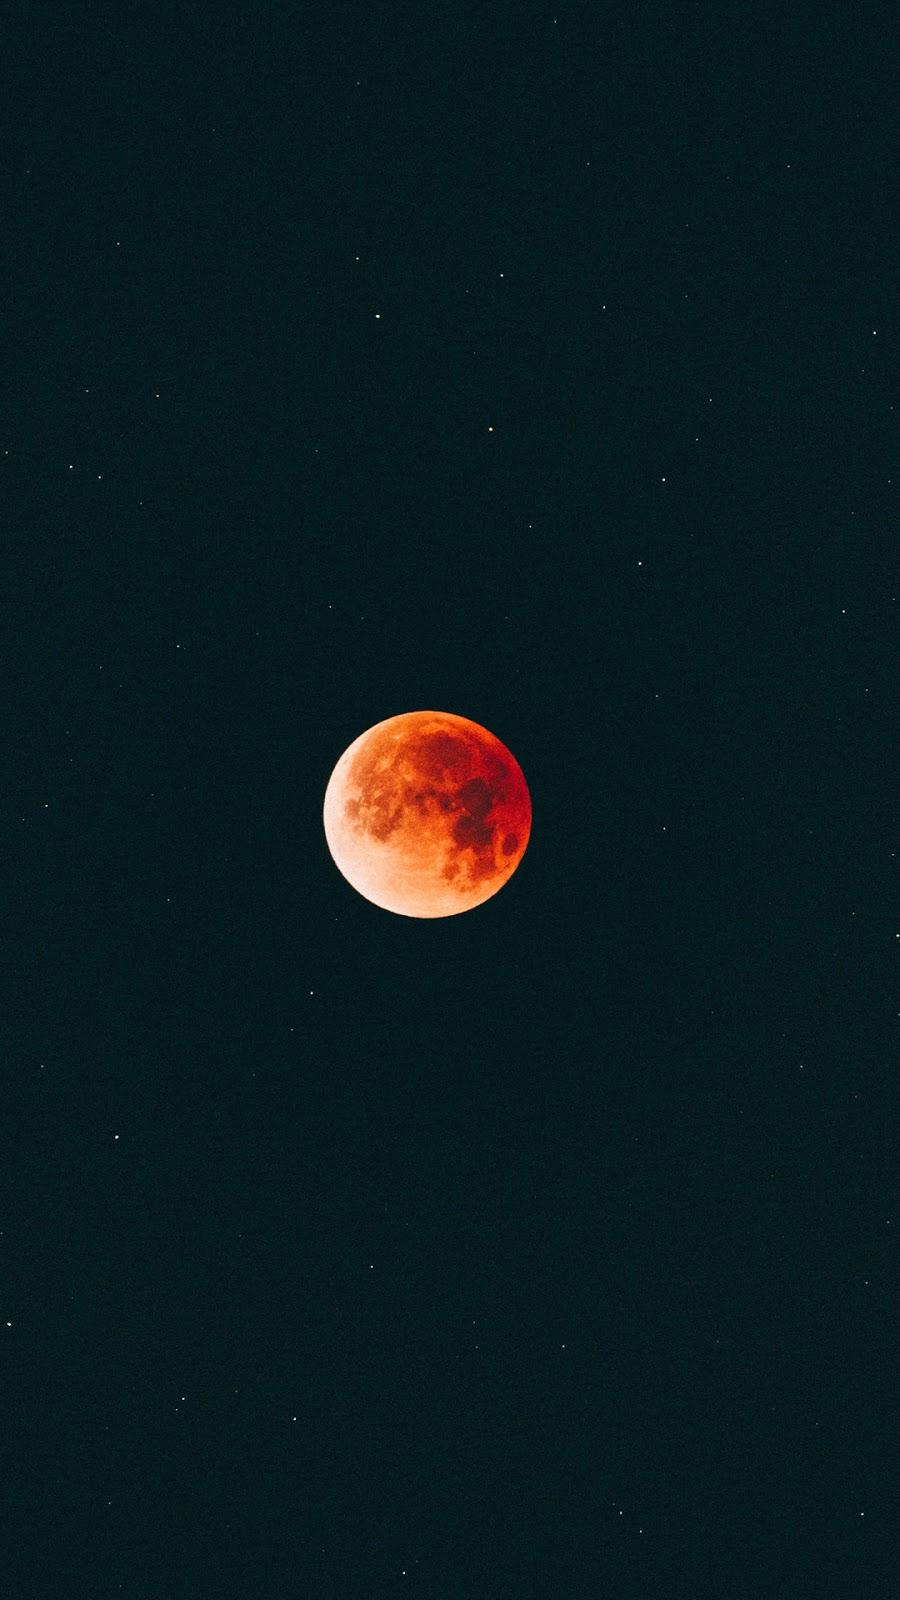 Hình nền huyết nguyệt giữa đêm siêu chất